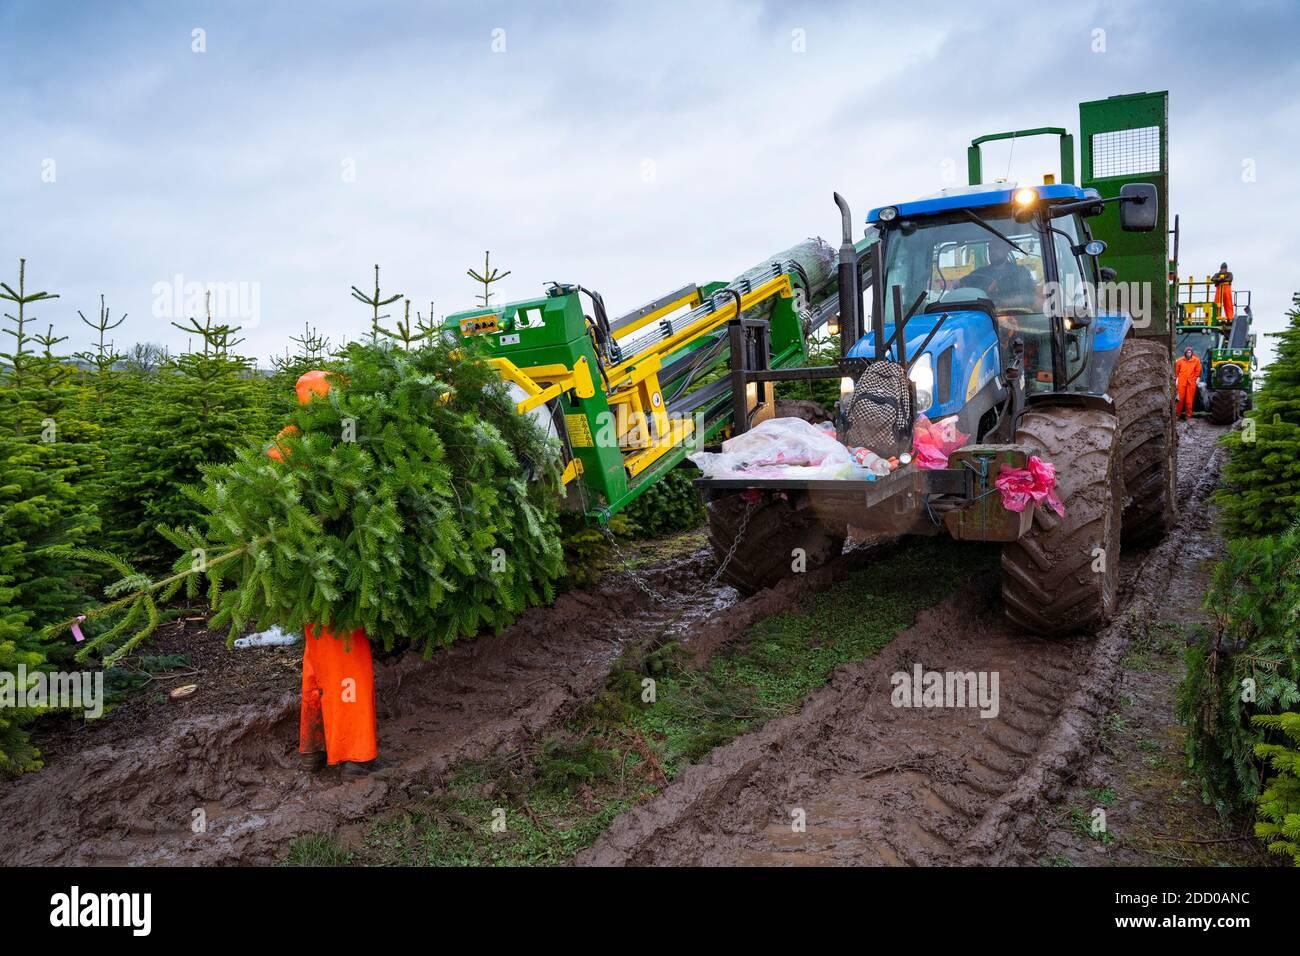 Milnathort, Escocia, Reino Unido. 23 de noviembre de 2020. Los árboles de Navidad se están cosechando en una plantación cerca de Milnathort en Perth y Kinross. La plantación es operada por la empresa Kilted Tree Company con sede en la granja Tillyochie cerca de Milnathort. Los trabajadores cortan árboles seleccionados y éstos se instalan dentro de las mangas protectoras utilizando maquinaria especializada en tractores antes de ser transportados al mercado. Iain Masterton/Alamy Live News Foto de stock